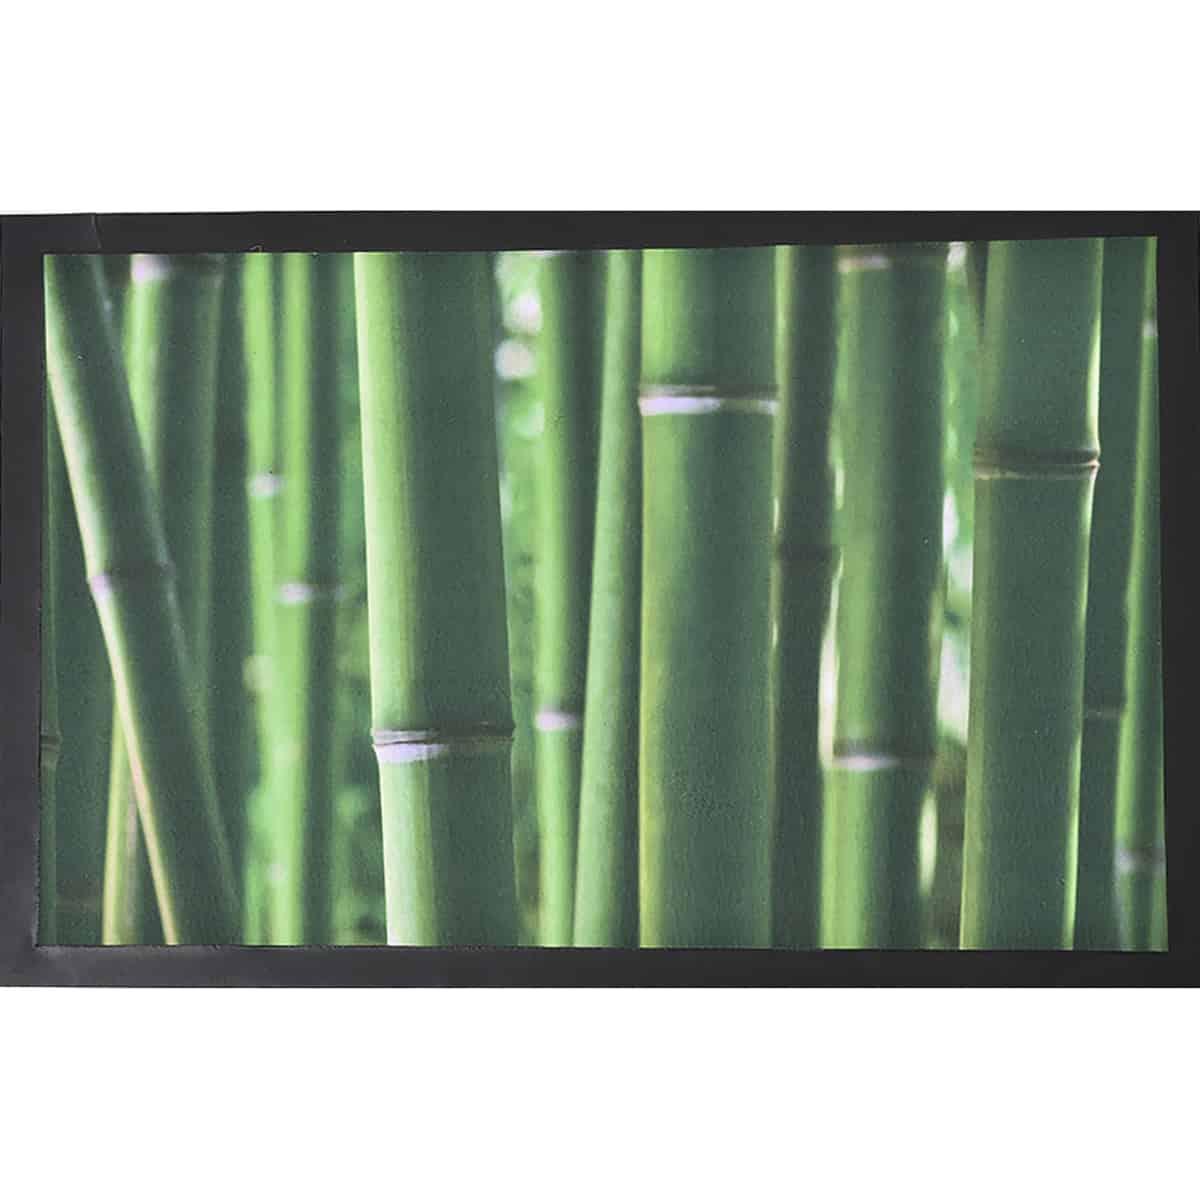 Indoor Printed Door Mat Bamboo Sticks PVC Polyester Rug 24x16